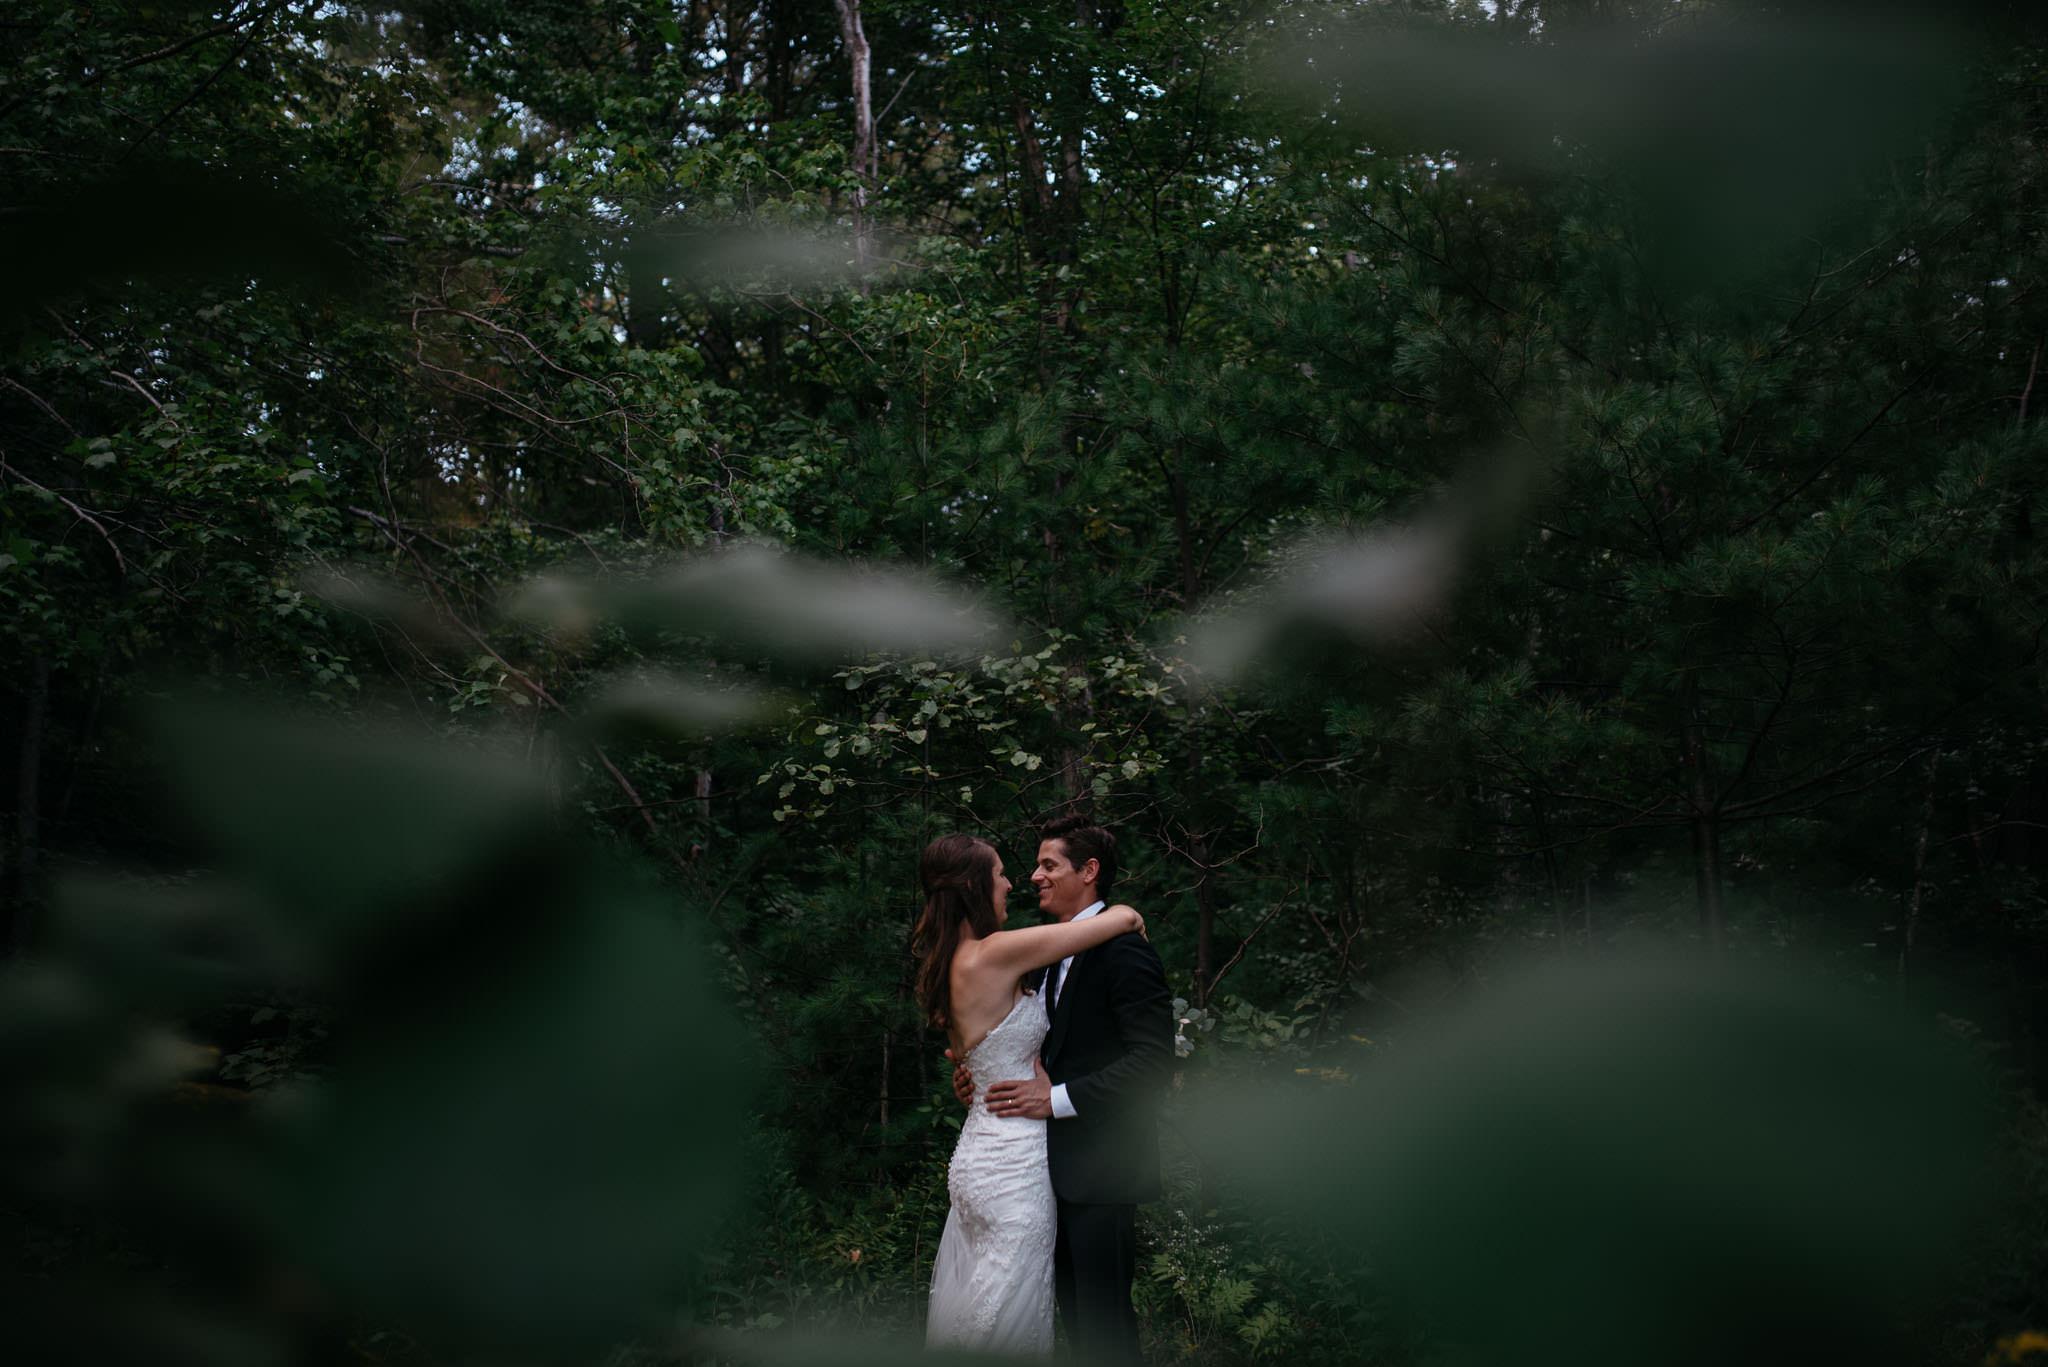 upstate-ny-lake-wedding-49